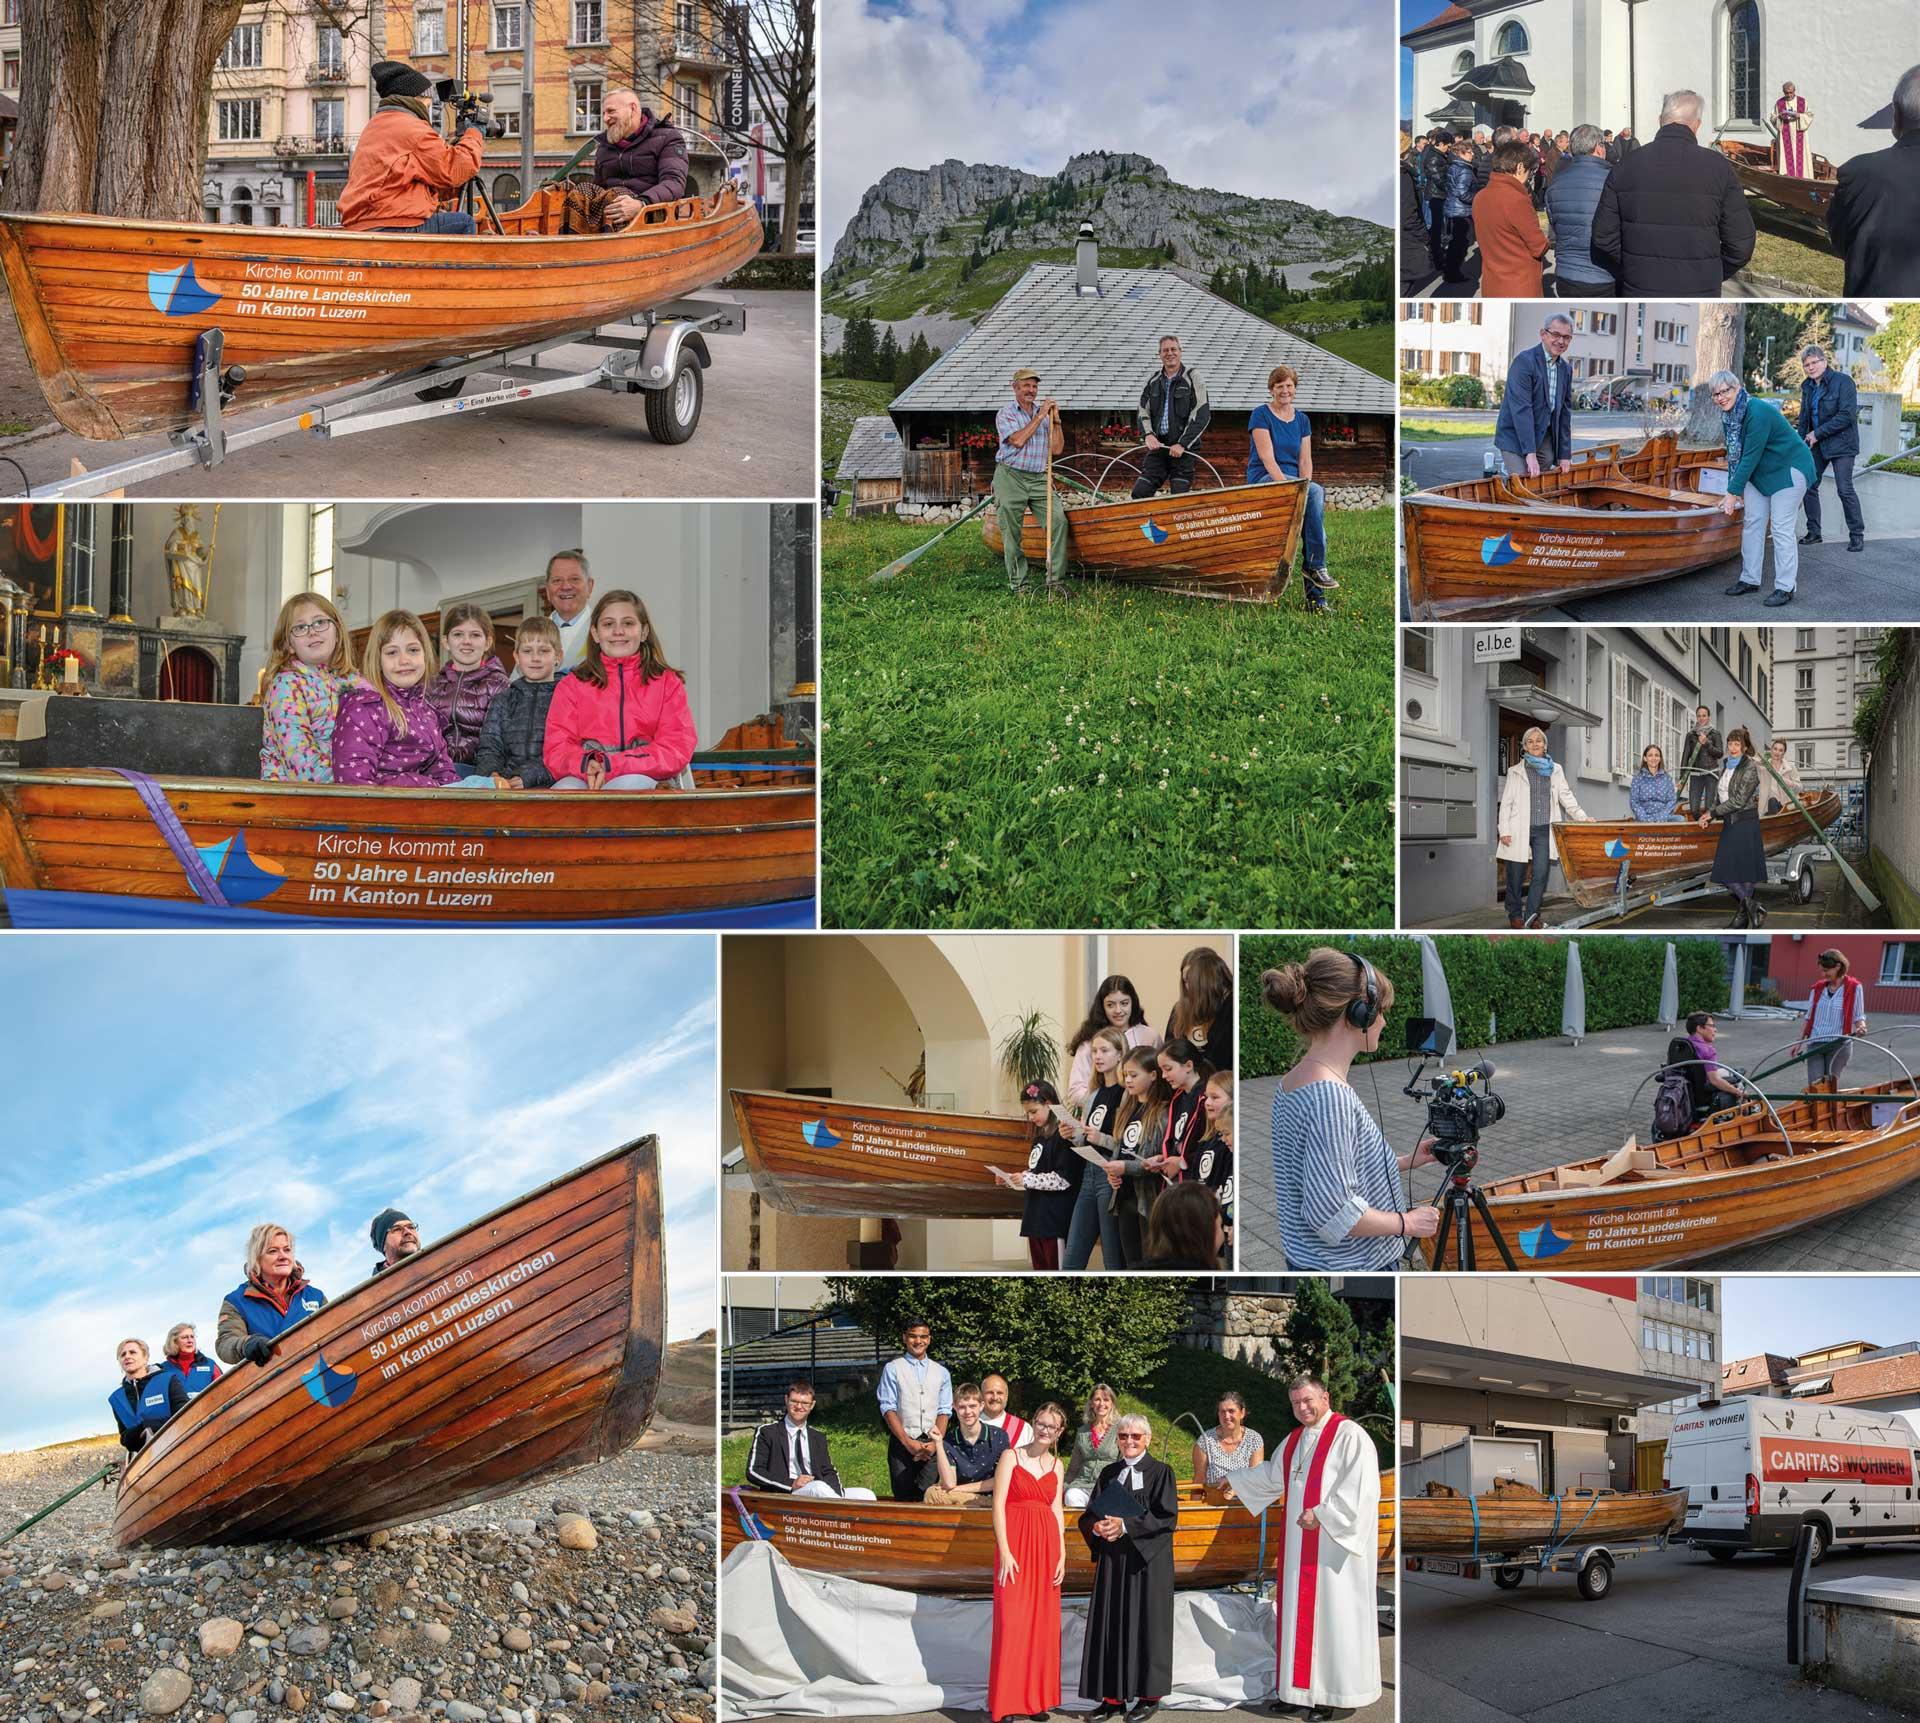 Ein buntes, lebendiges Jubiläumsjahr war's - trotz allem: Bilder von Bootschafterinnen- und Boot-Schafter-Terminen aus dem vergangenen Jahr. | © Kirche kommt an